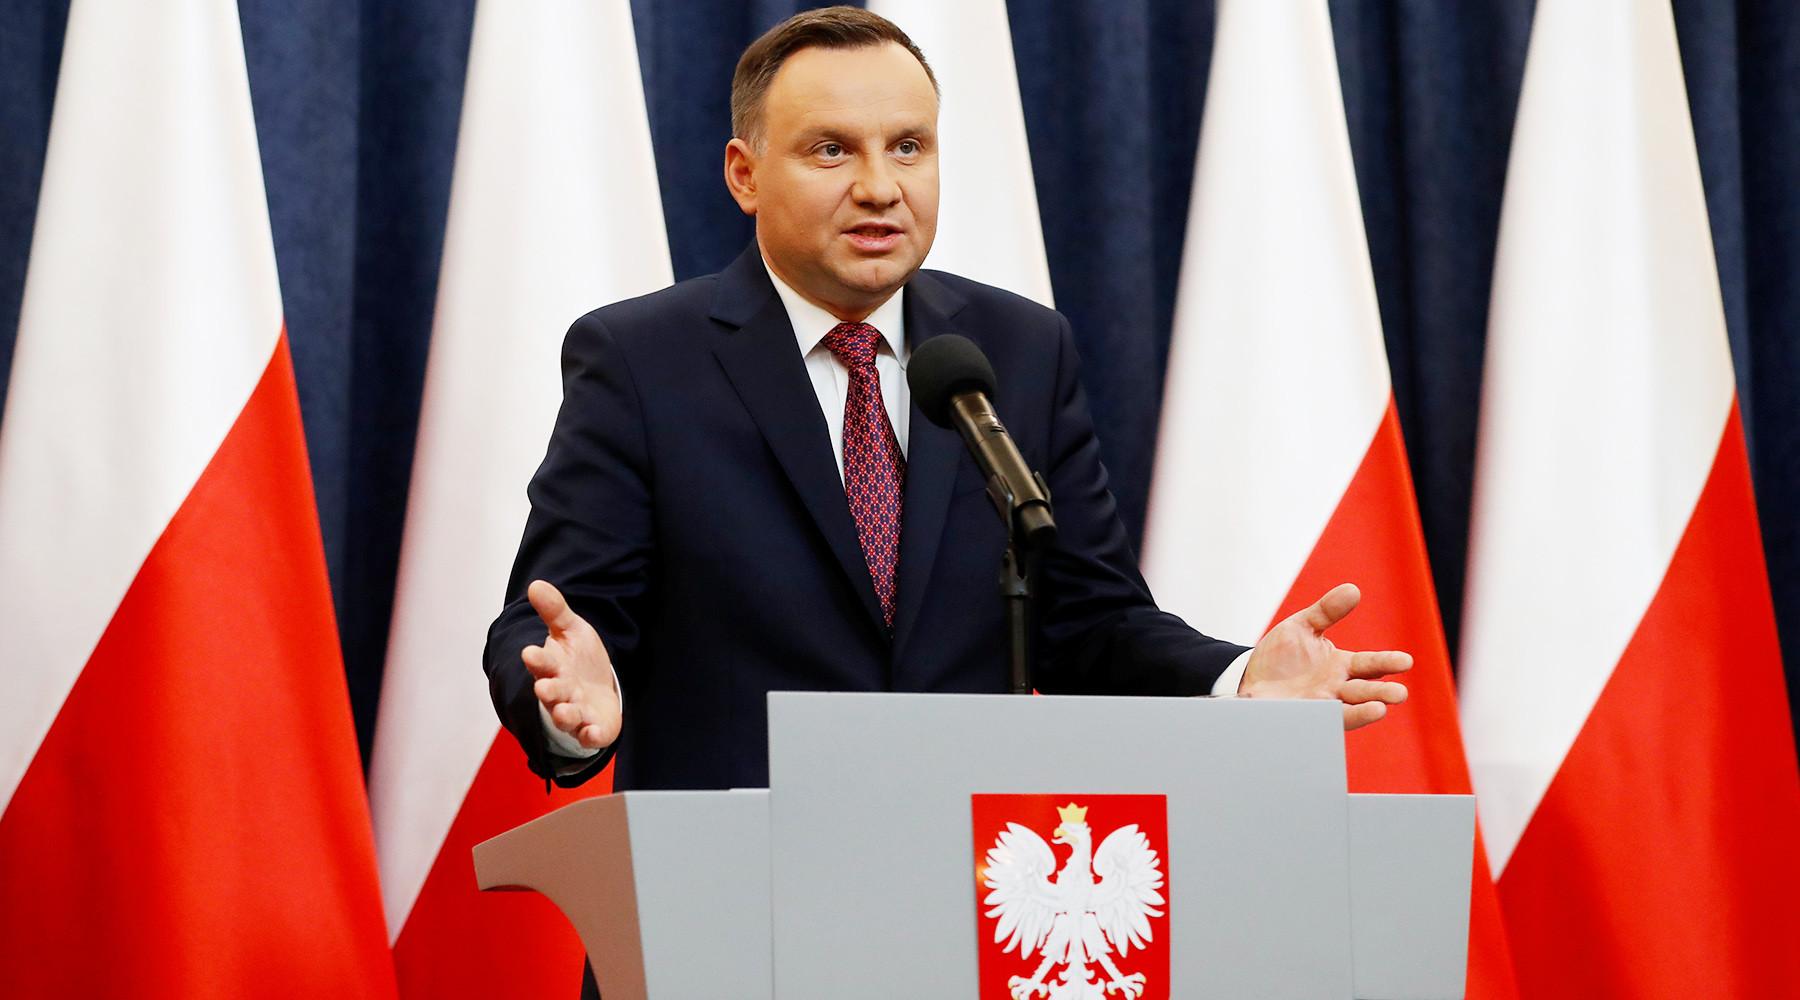 Еврокомиссия грозит Польше лишением права голоса в Совете ЕС